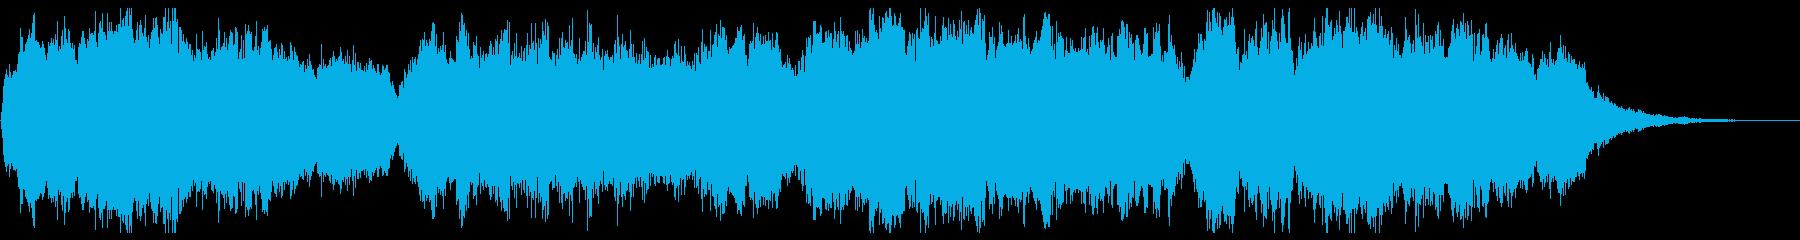 幻想的なオーケストラ 30秒イントロの再生済みの波形